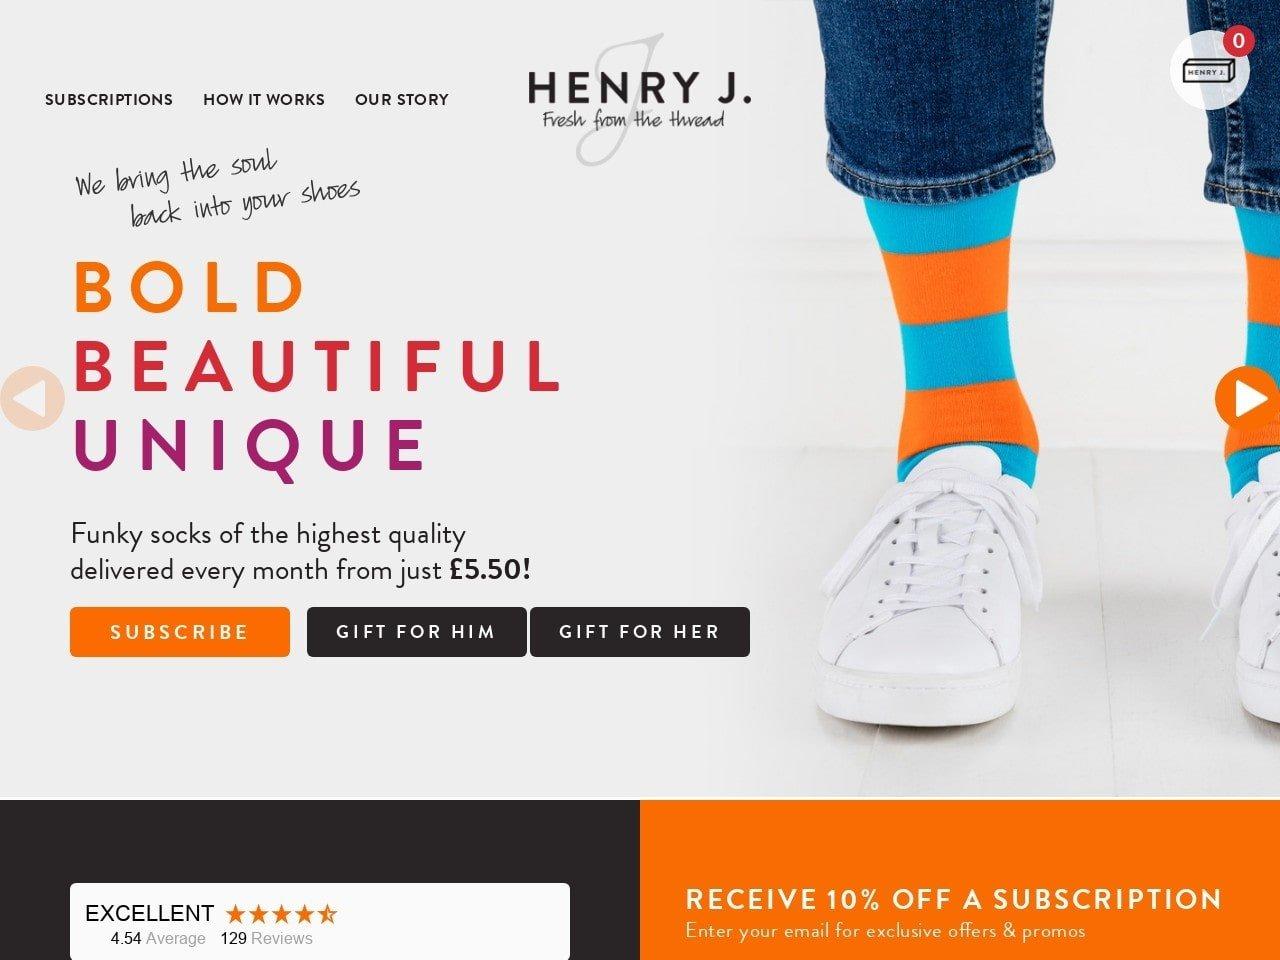 Henry J.